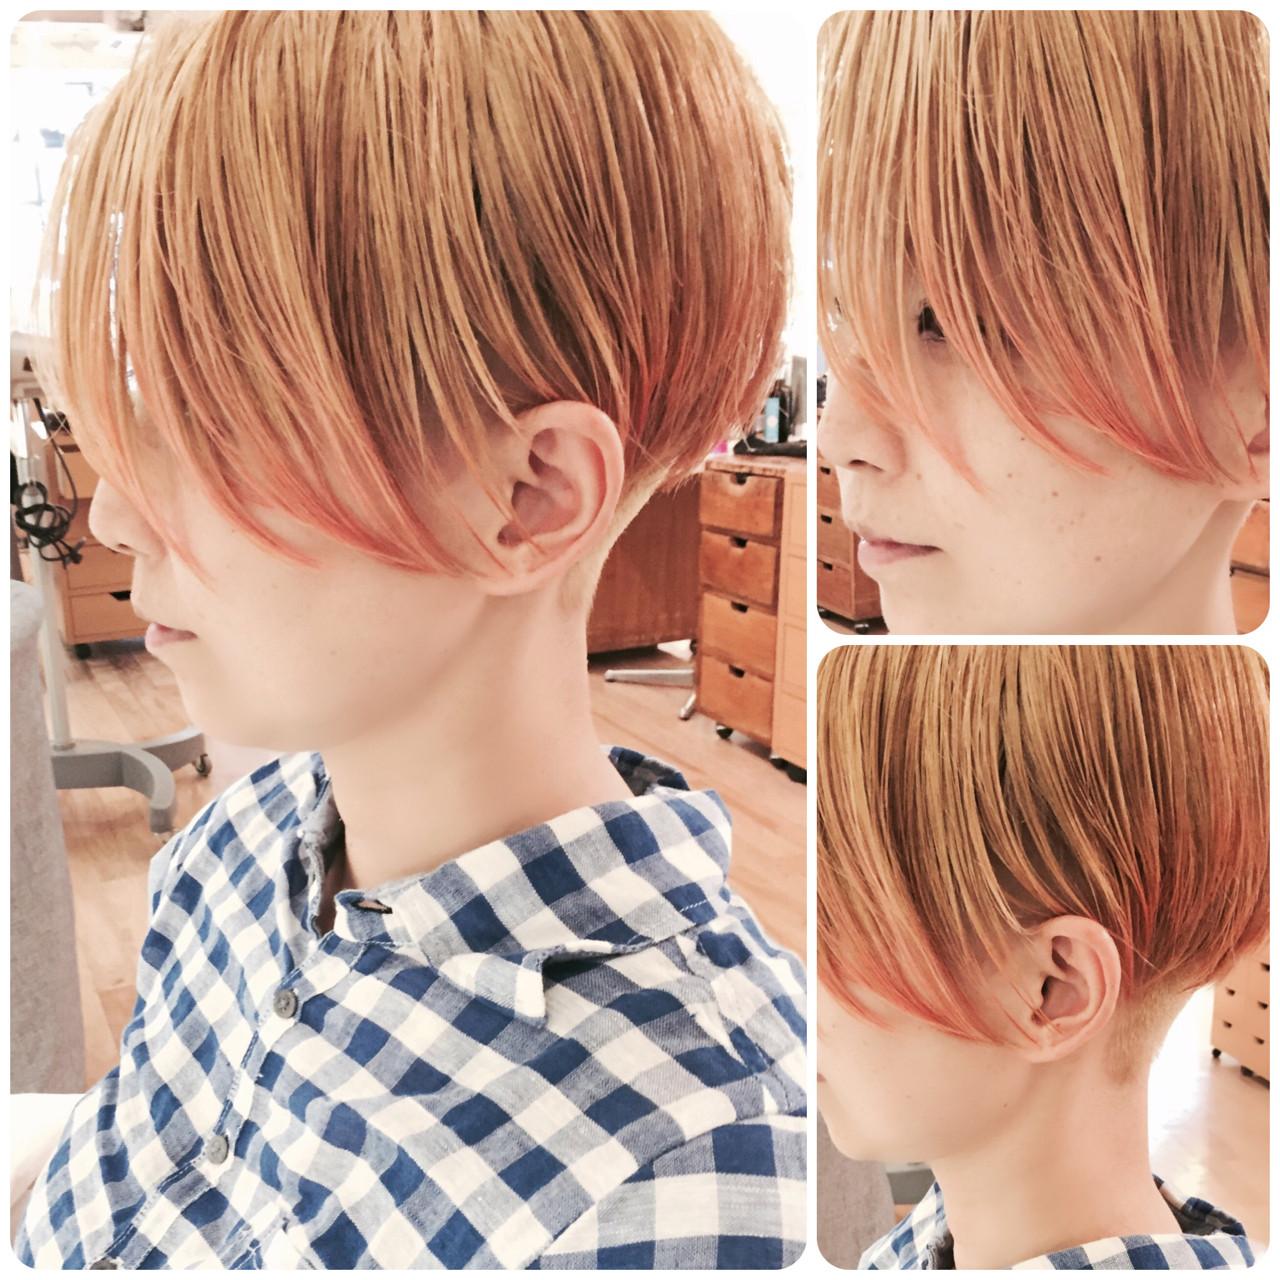 グラデーションカラー ショート 坊主 かっこいい ヘアスタイルや髪型の写真・画像